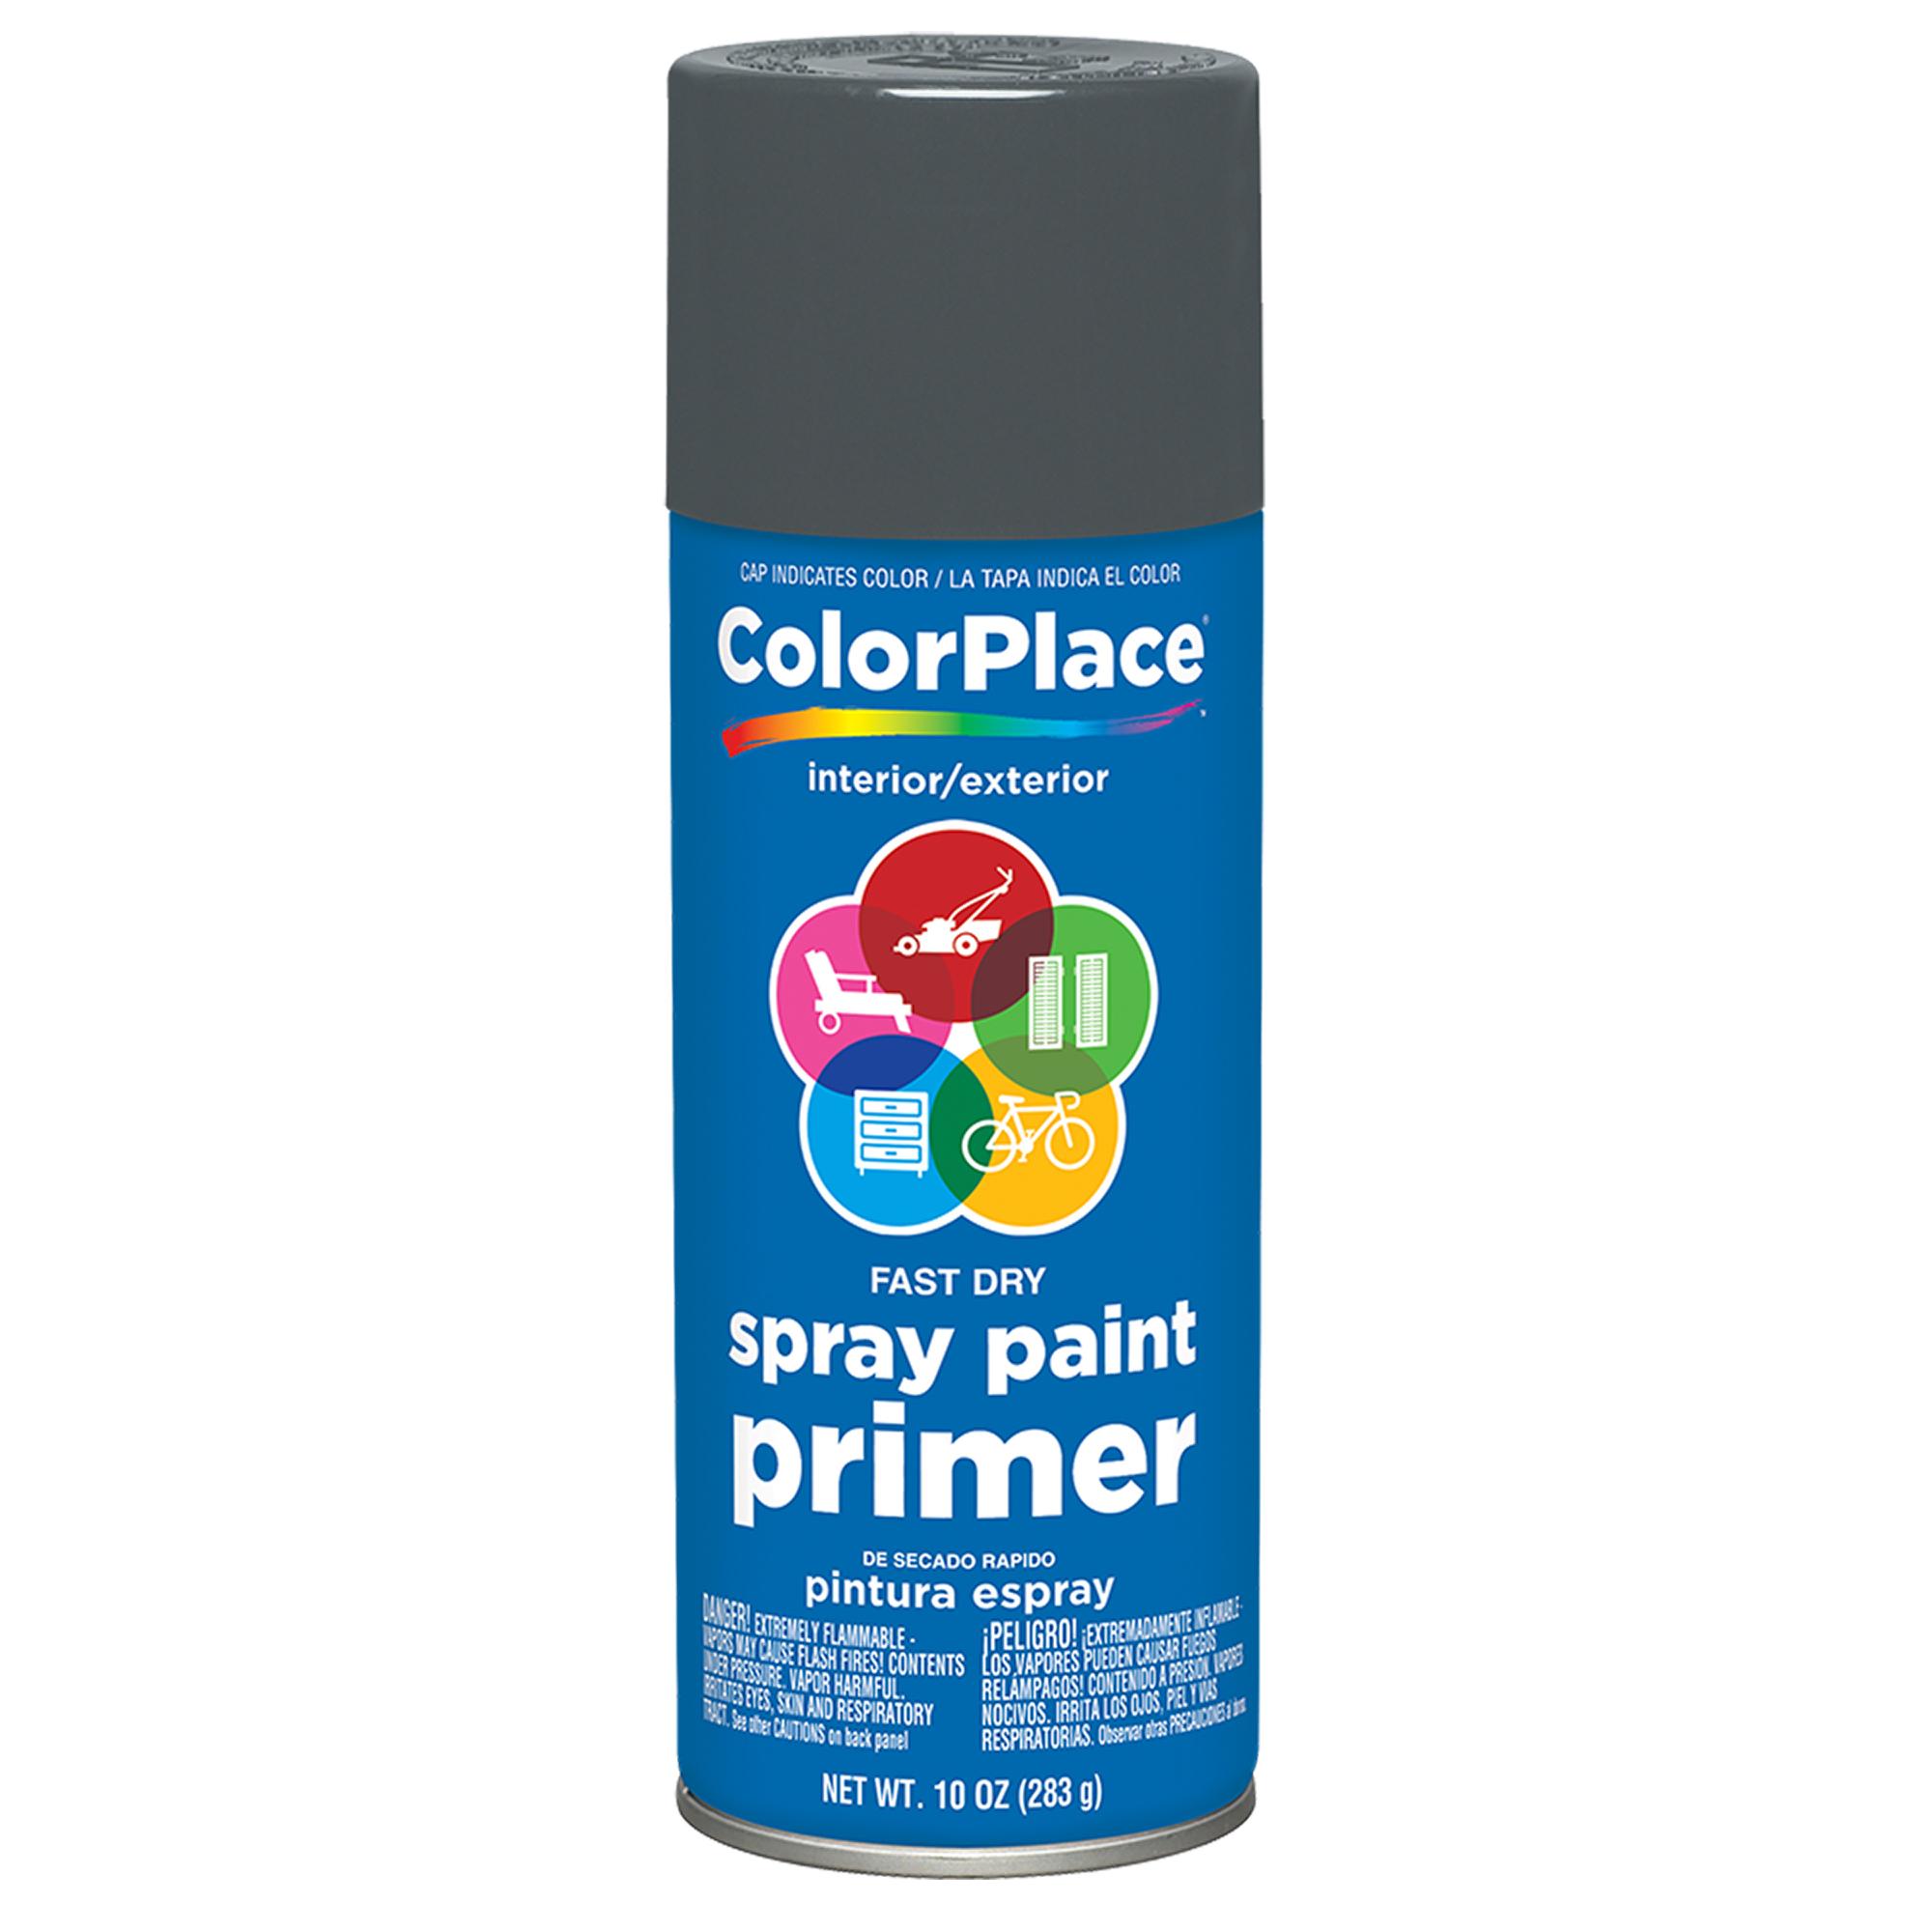 Color Place Gray Primer Spray 11 oz - Walmart.com